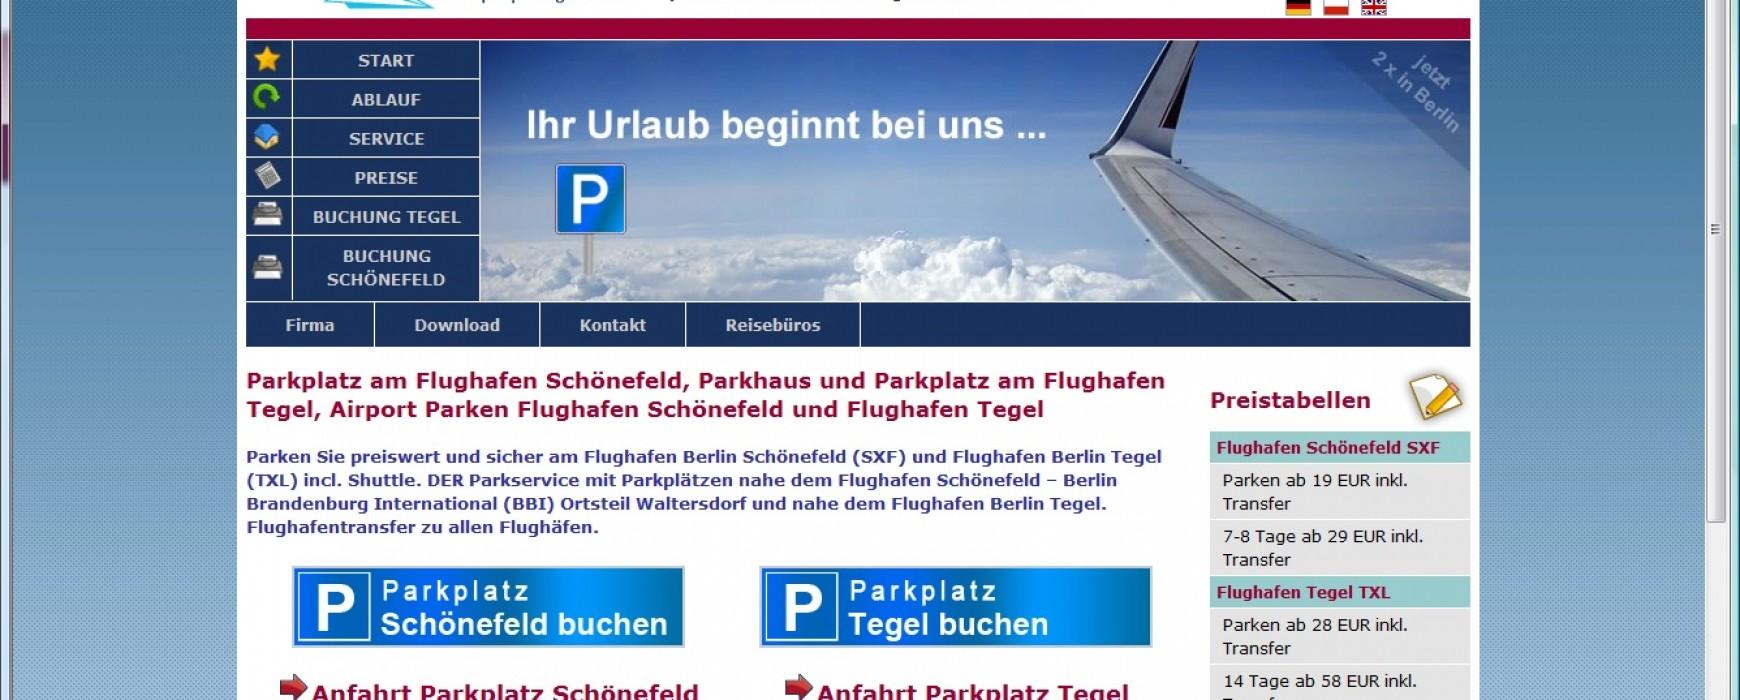 Parken am Flughafen Berlin Schönefeld und Tegel